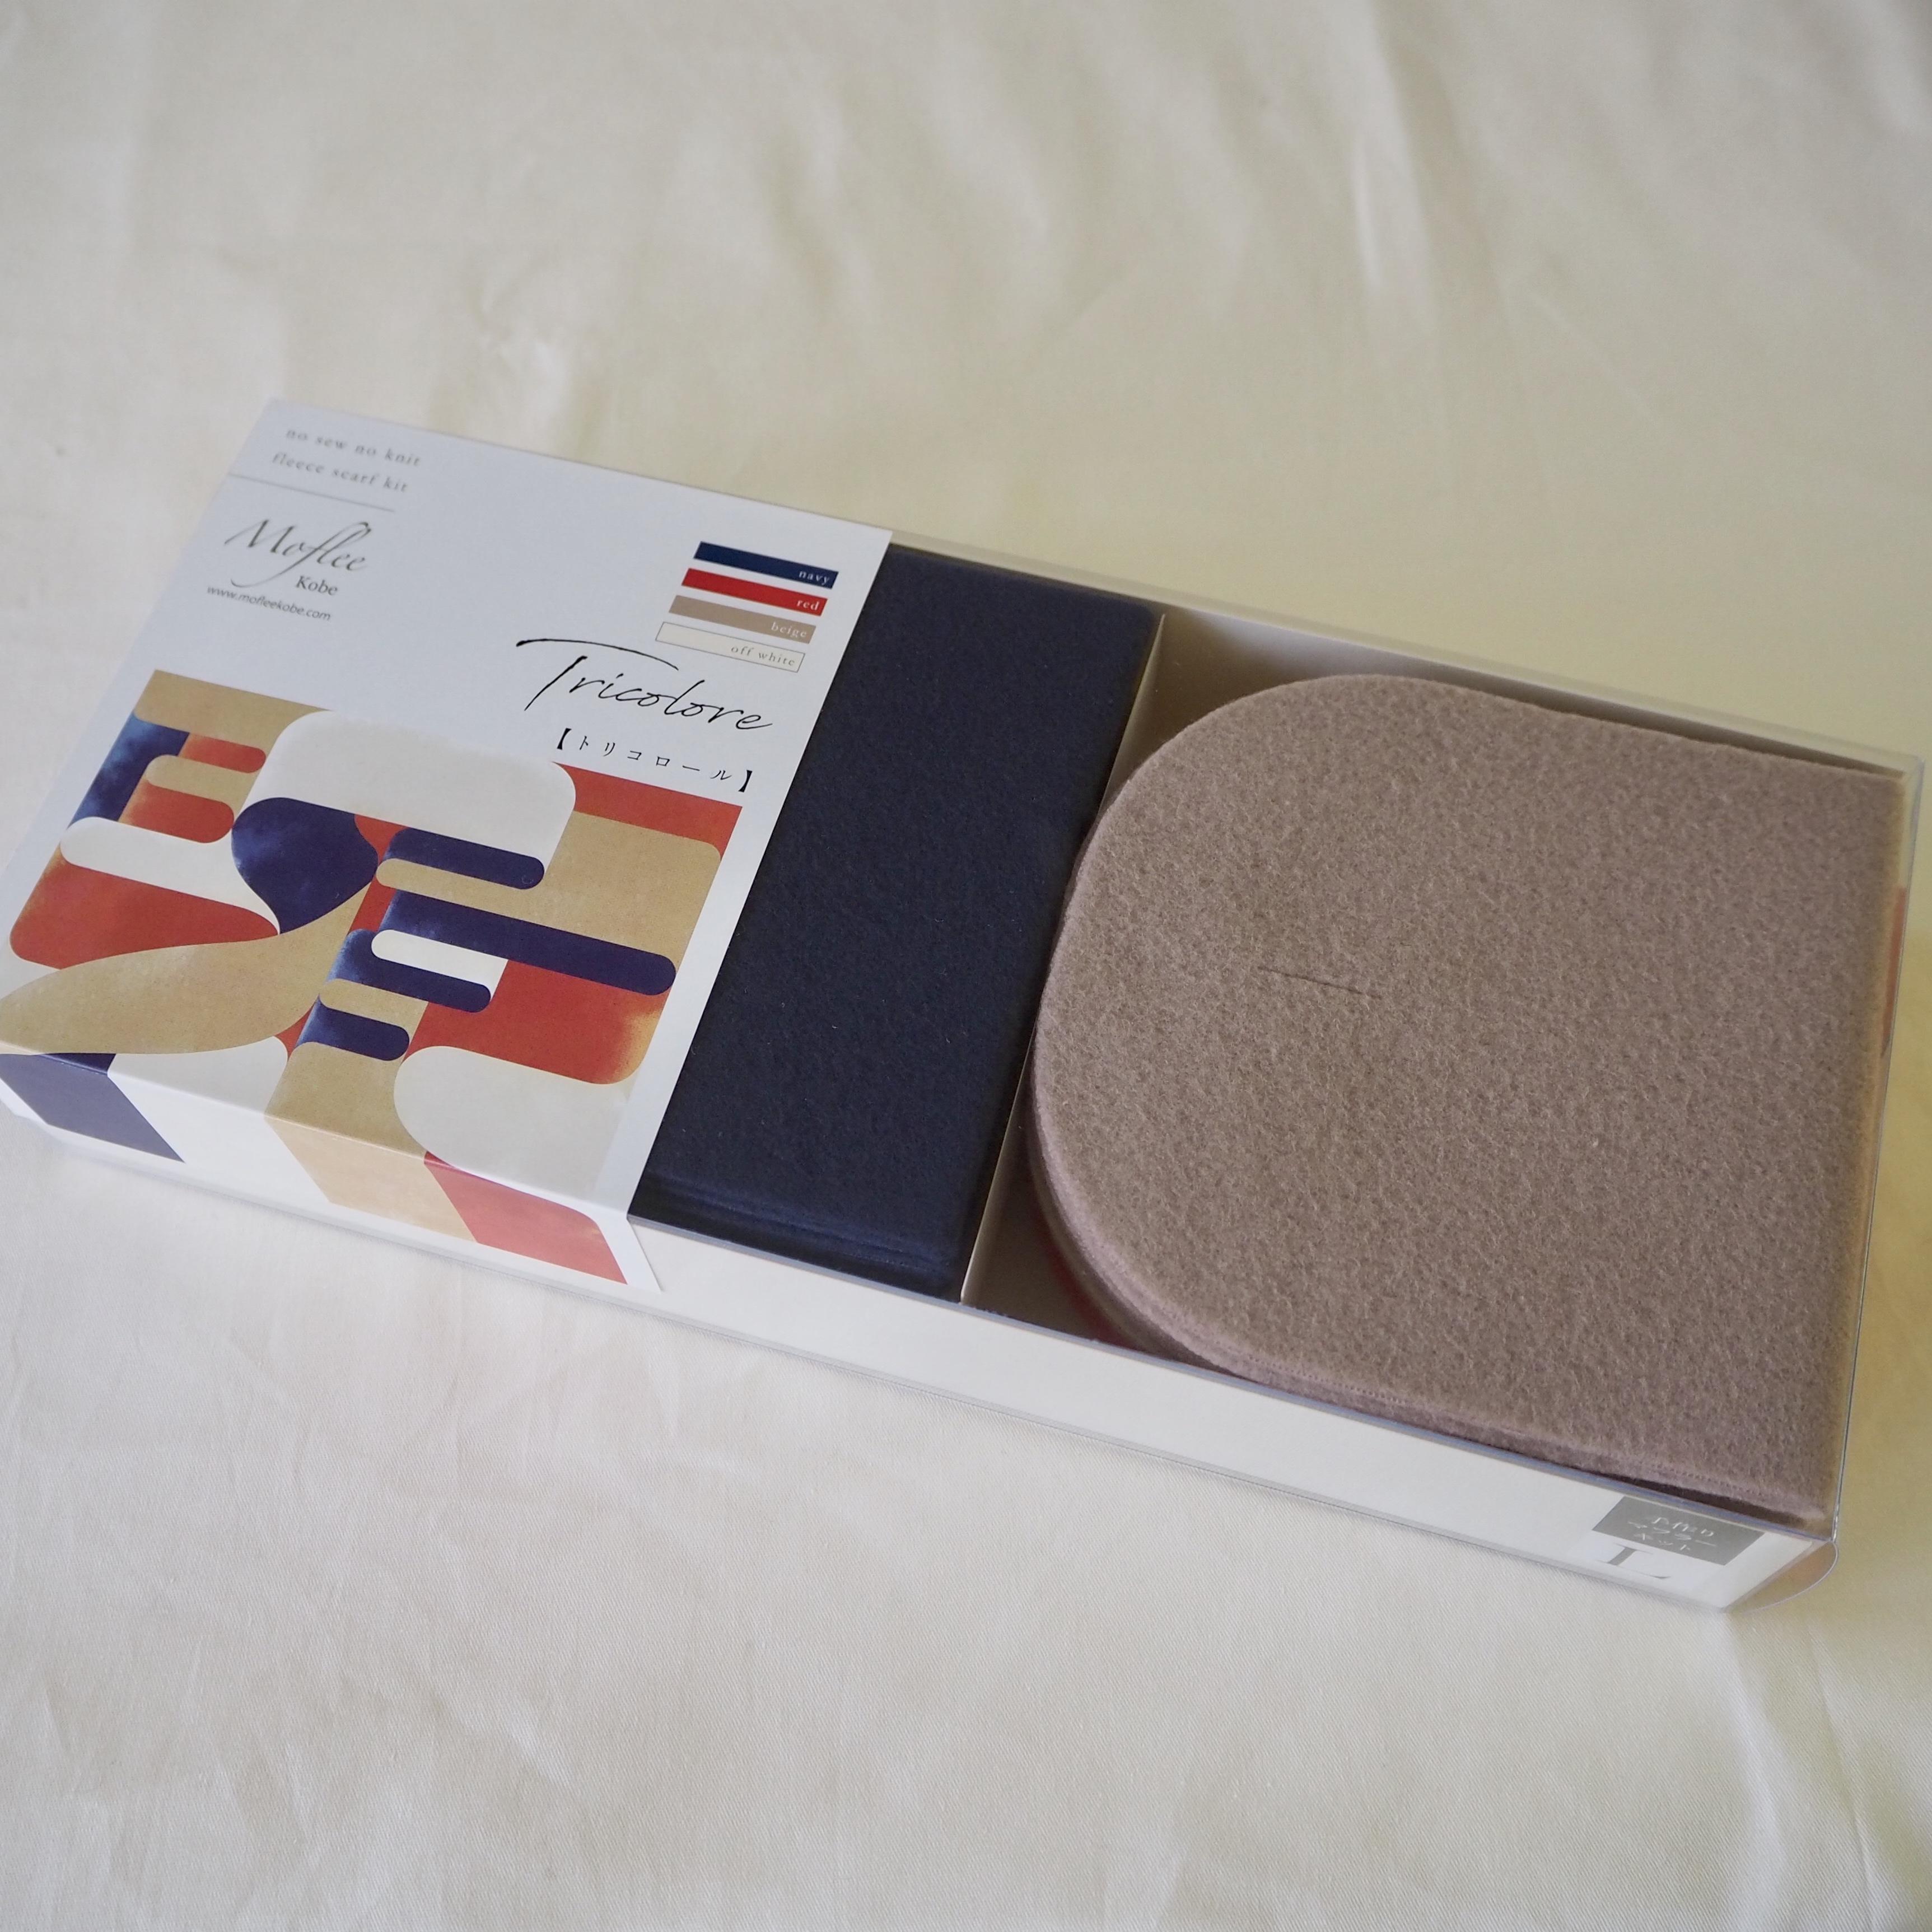 動画付手作りマフラーキット【モフリー Kit Box】トリコロール ◆Lサイズ